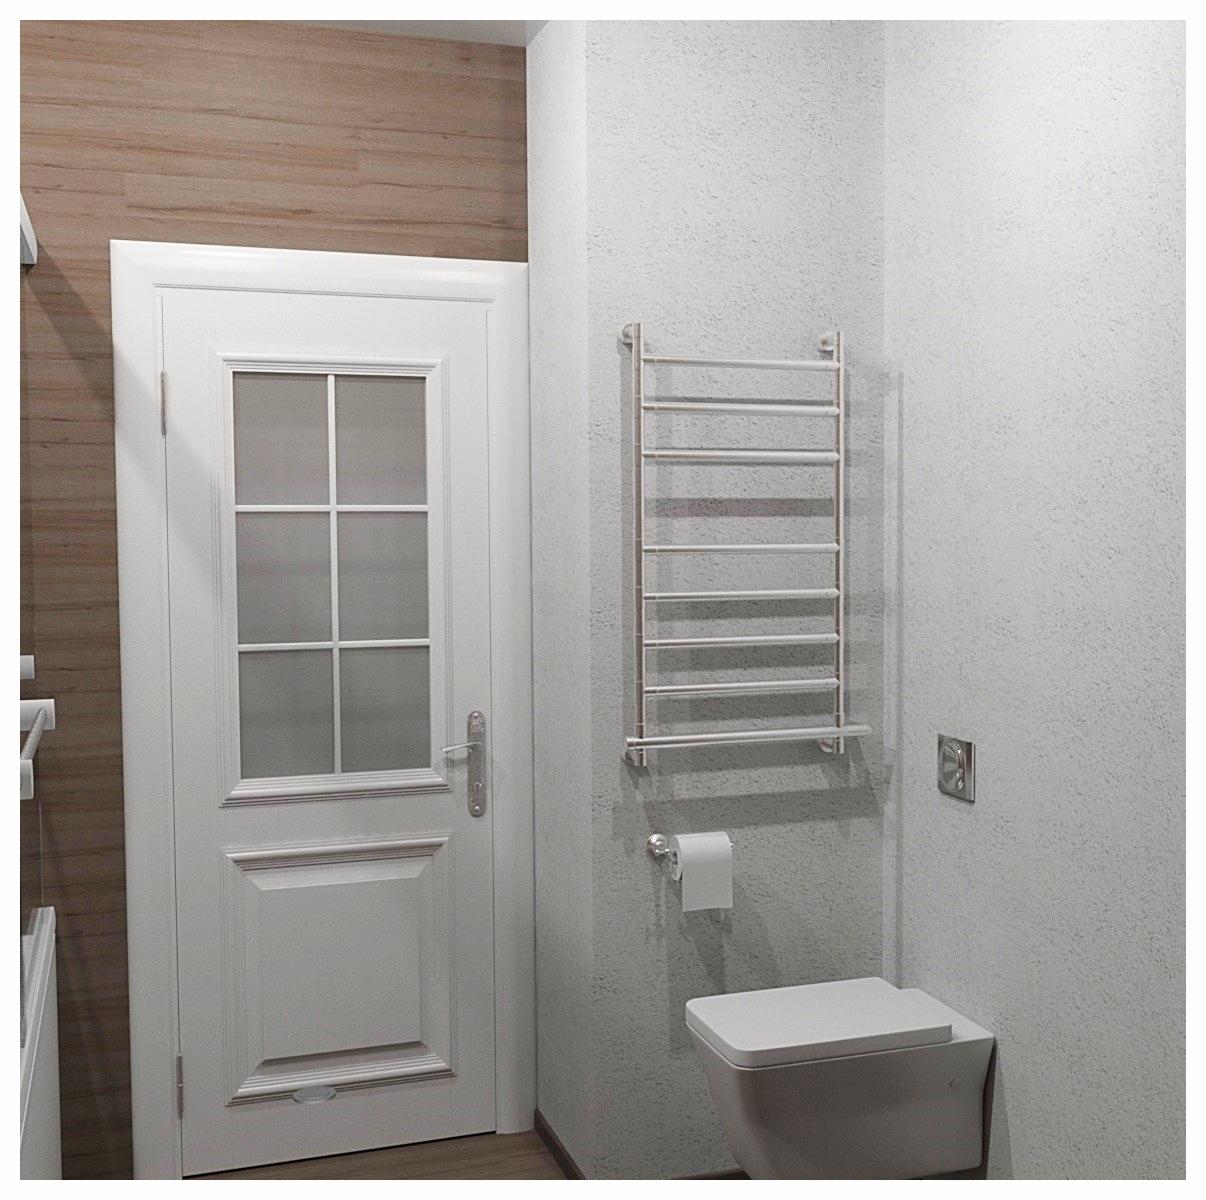 Дизайн интерьеров двухкомнатной квартиры по договору на дизайн проект. Санузел 2.